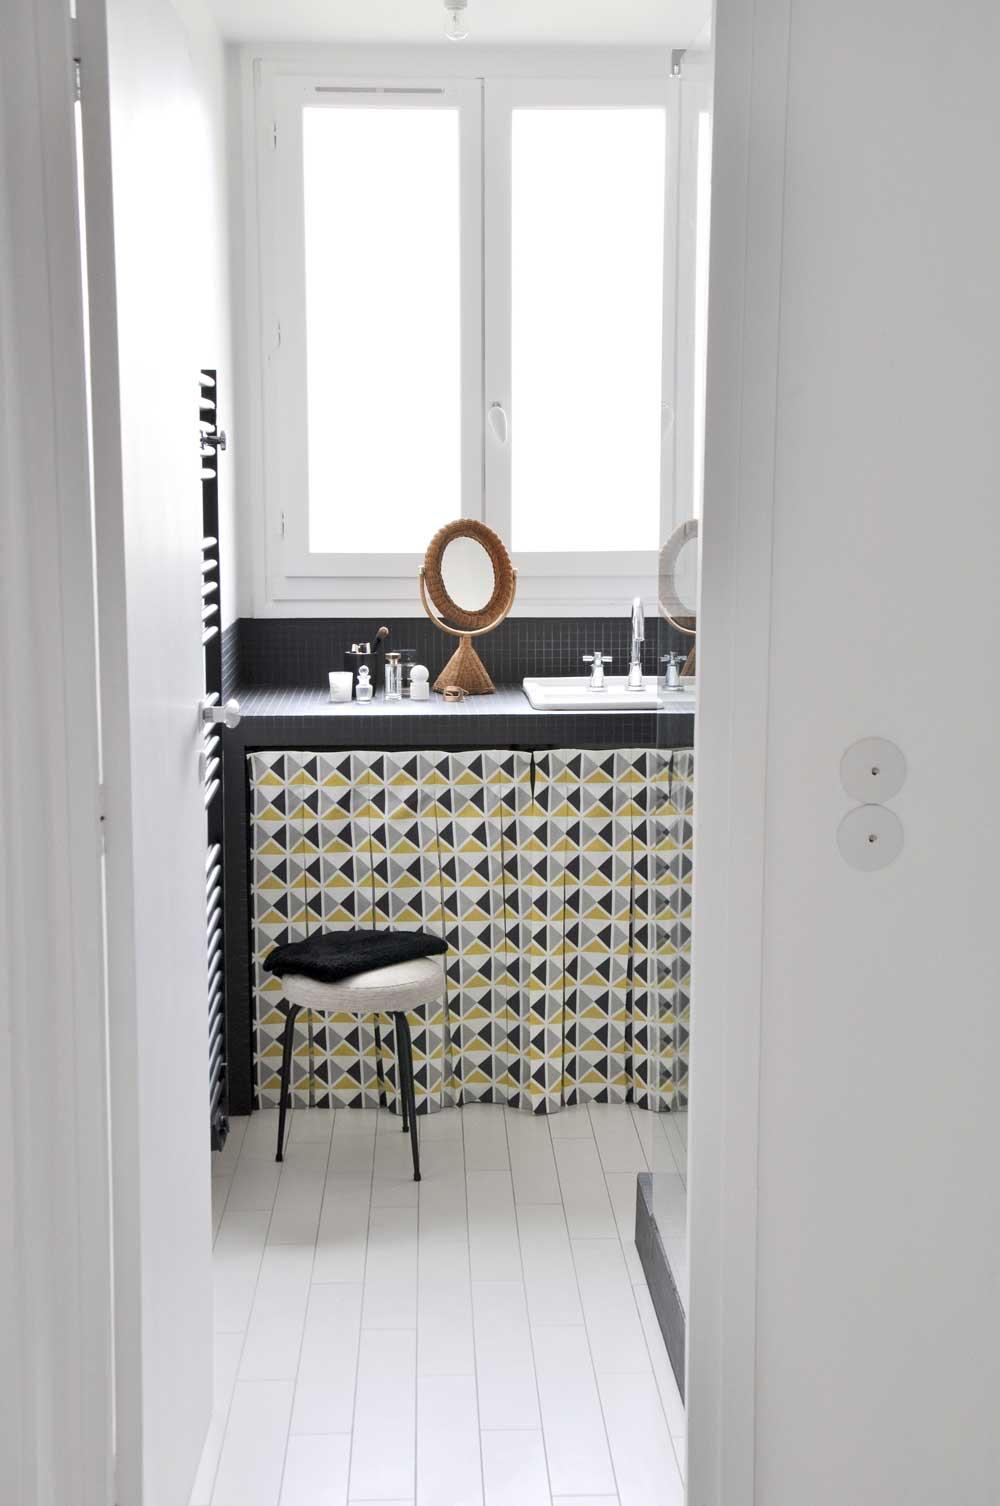 Accessoires Salle De Bain Dakar ~ accessoires salle de bain paris id es inspir es pour la maison